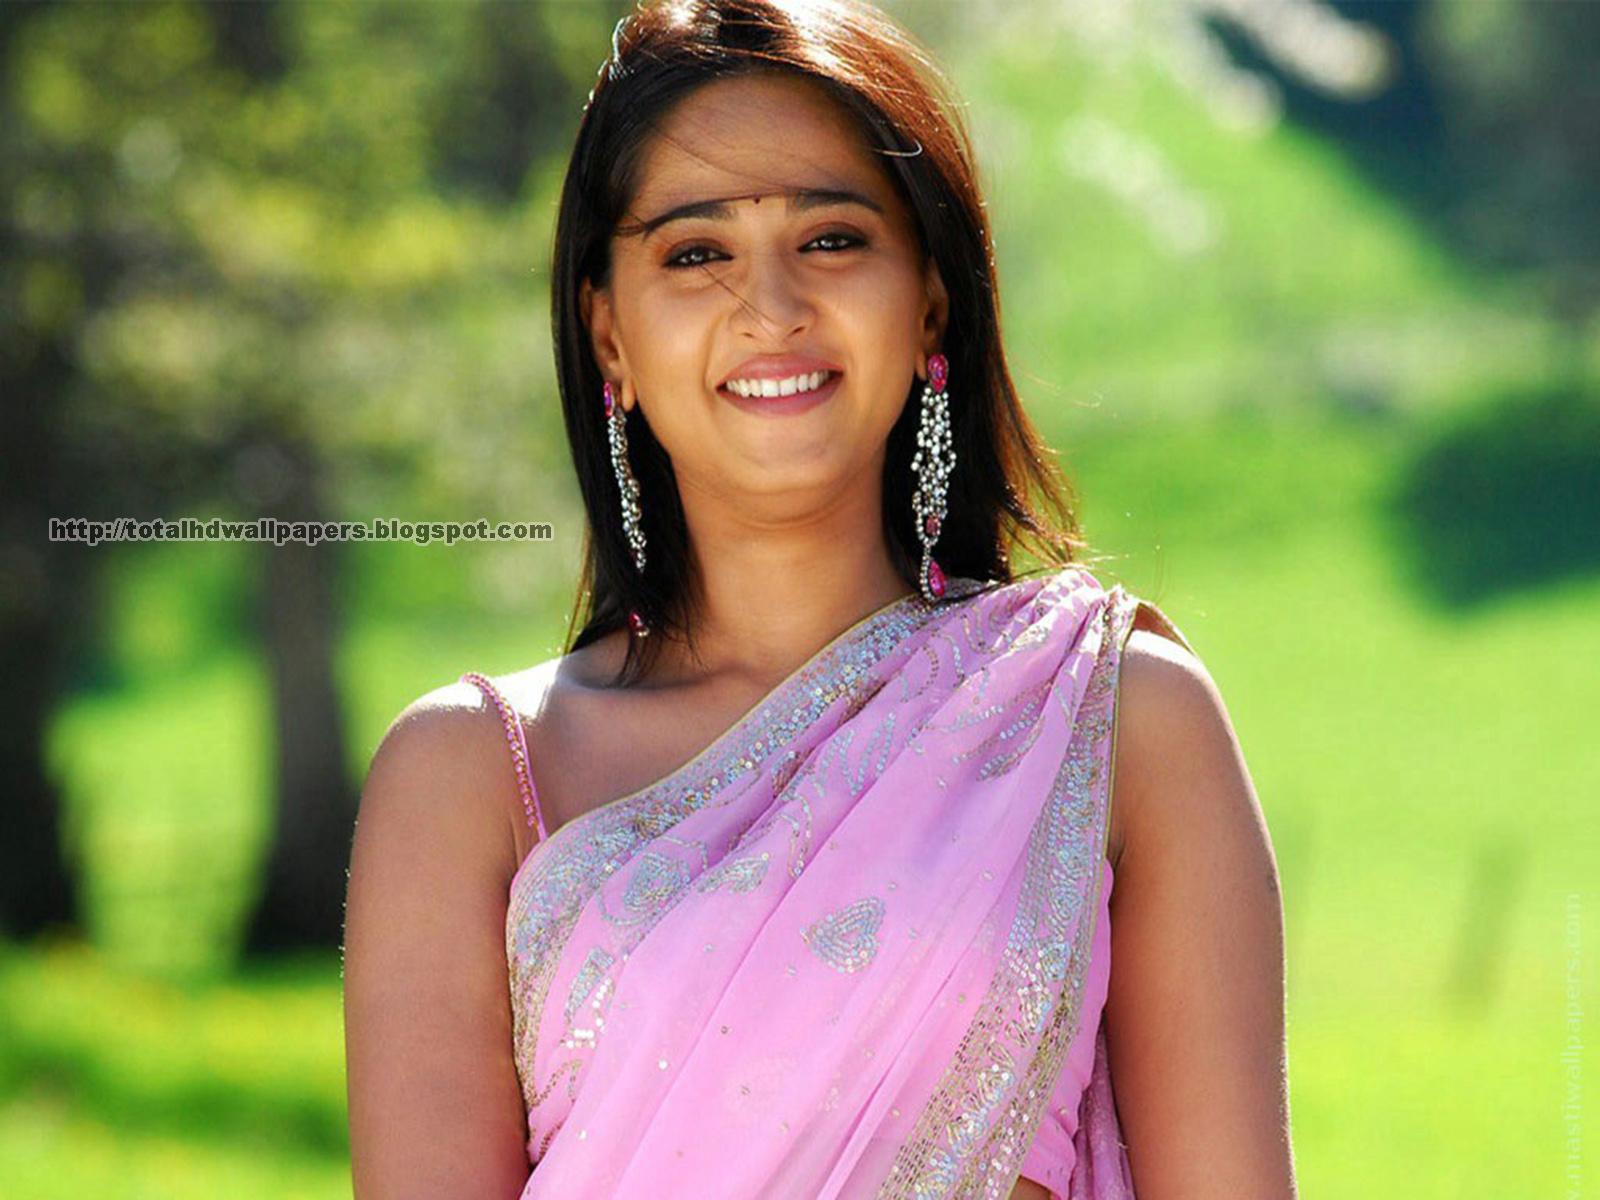 Bollywood Actress Hd Wallpapers Hollywood Actress Hd -8458